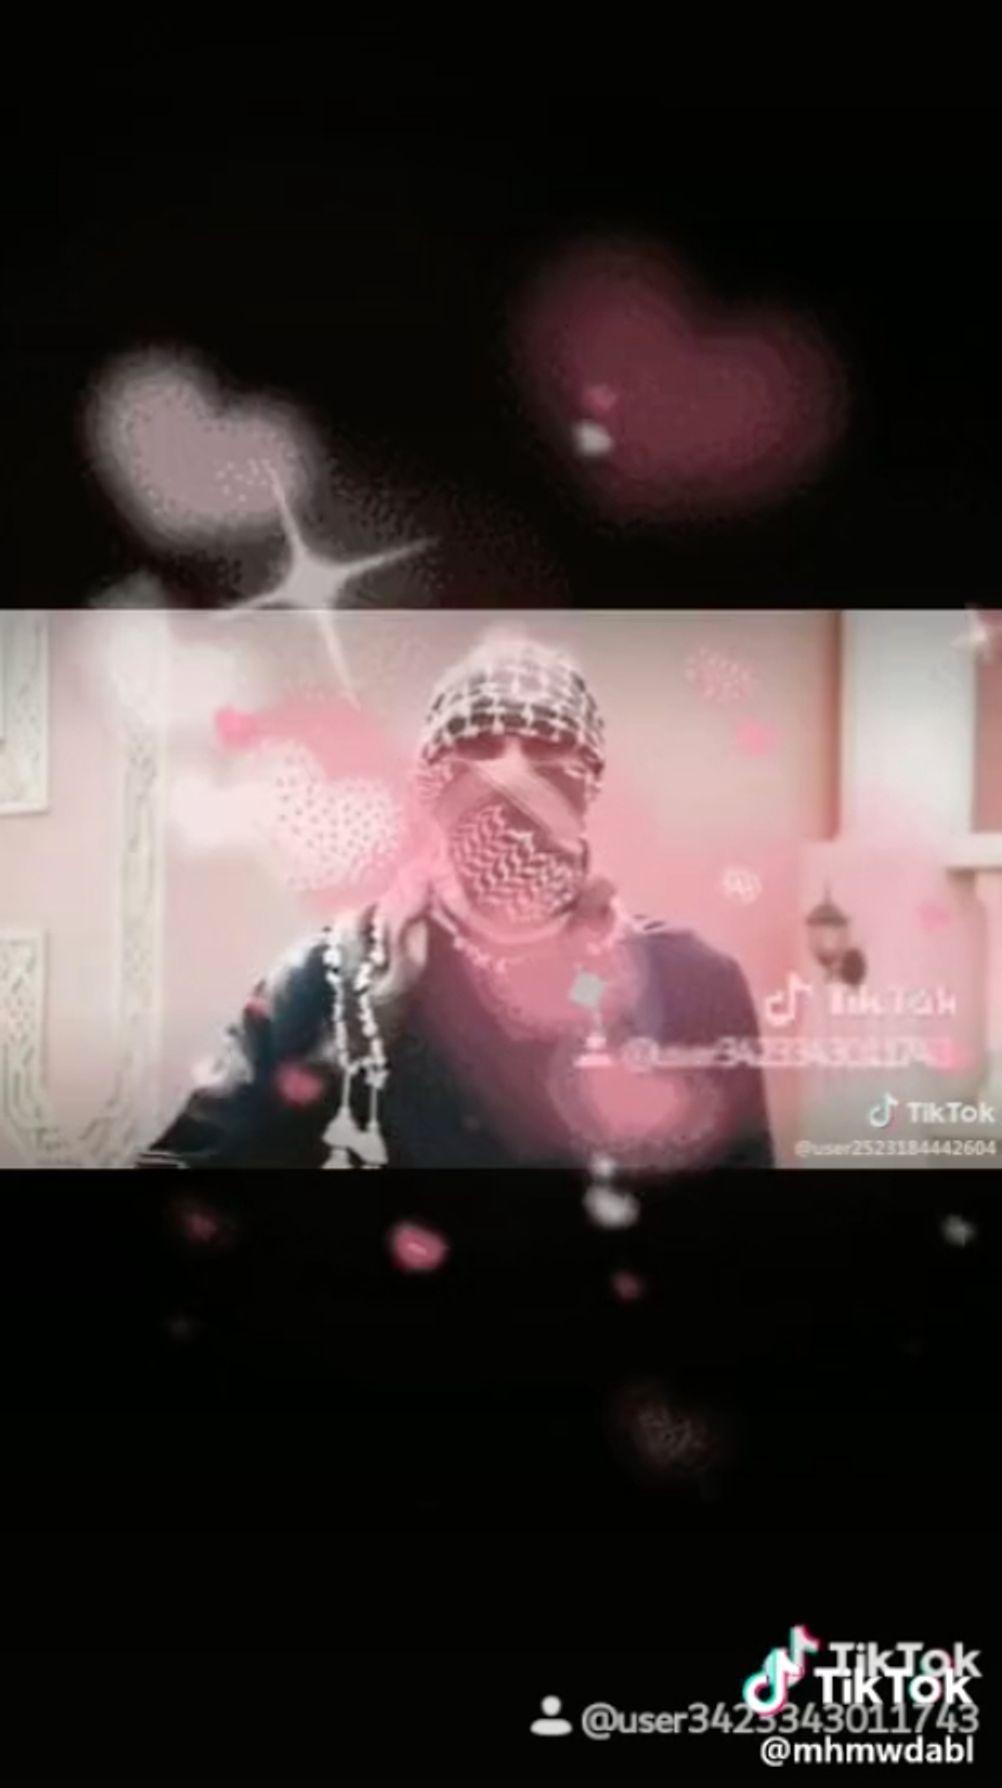 تلاش داعش برای جذب نوجوانان با ویدیوهای جذاب اپلیکیشن «تیک تاک»